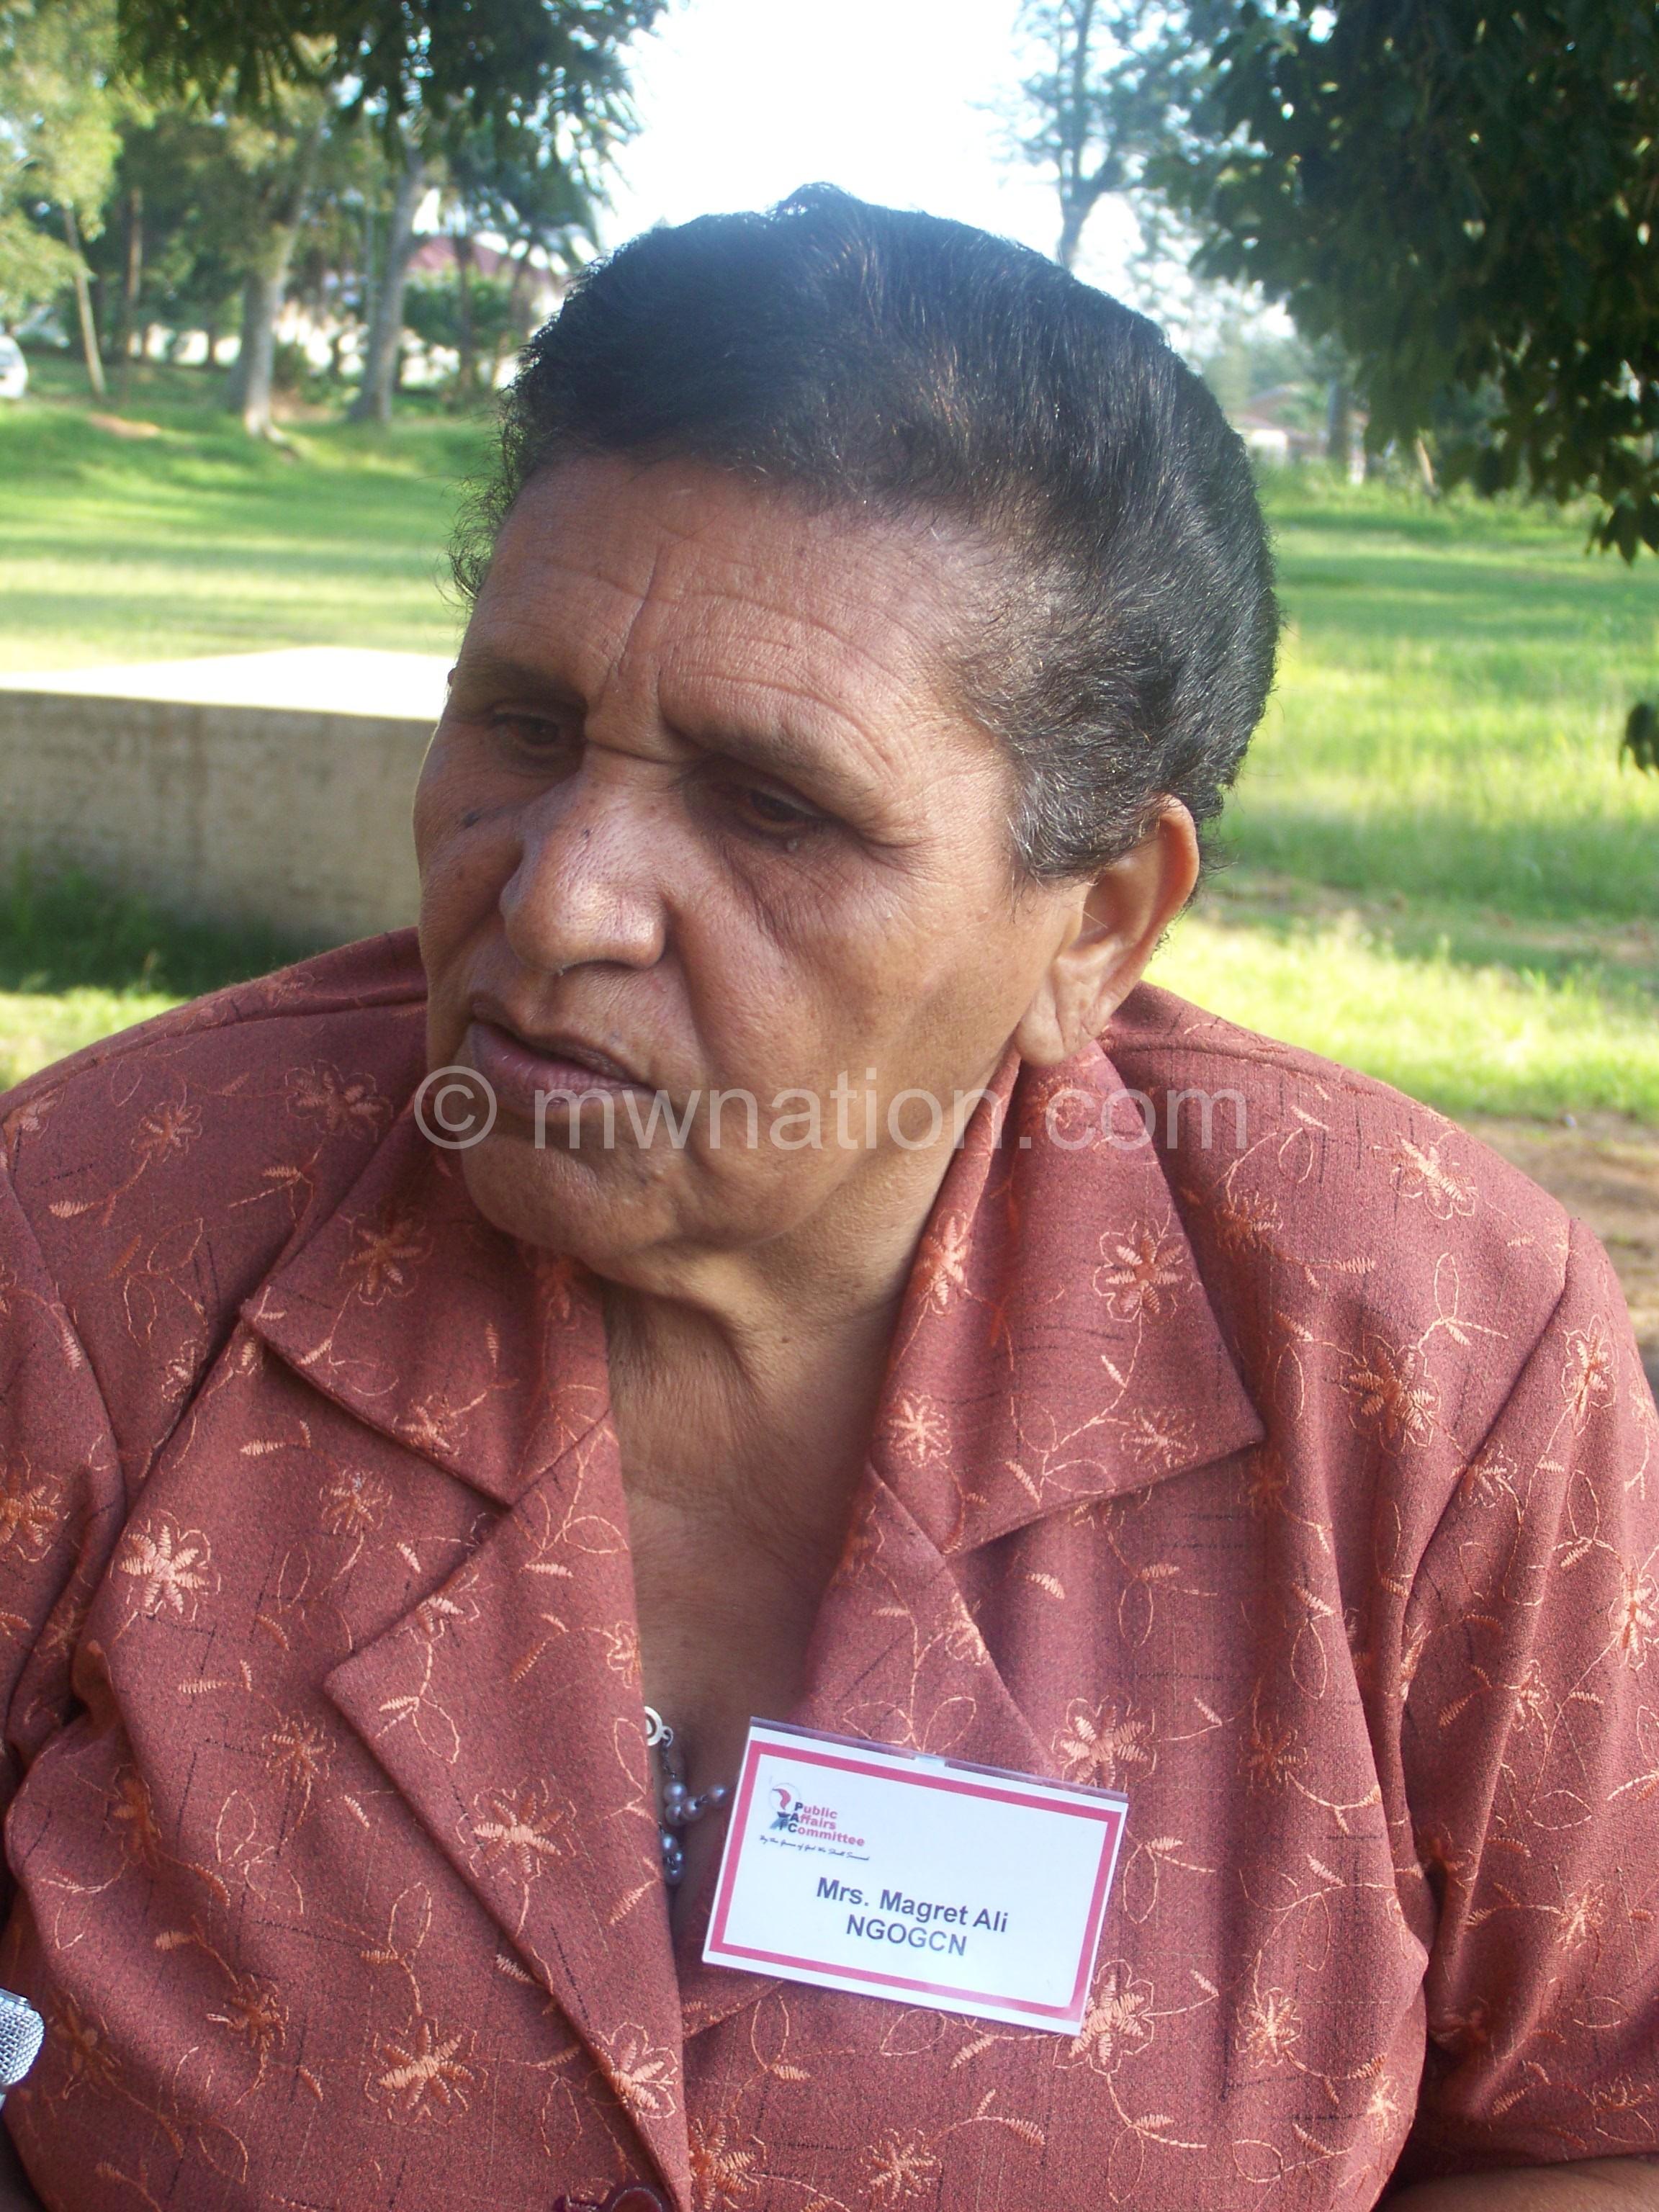 Magret Ali   The Nation Online